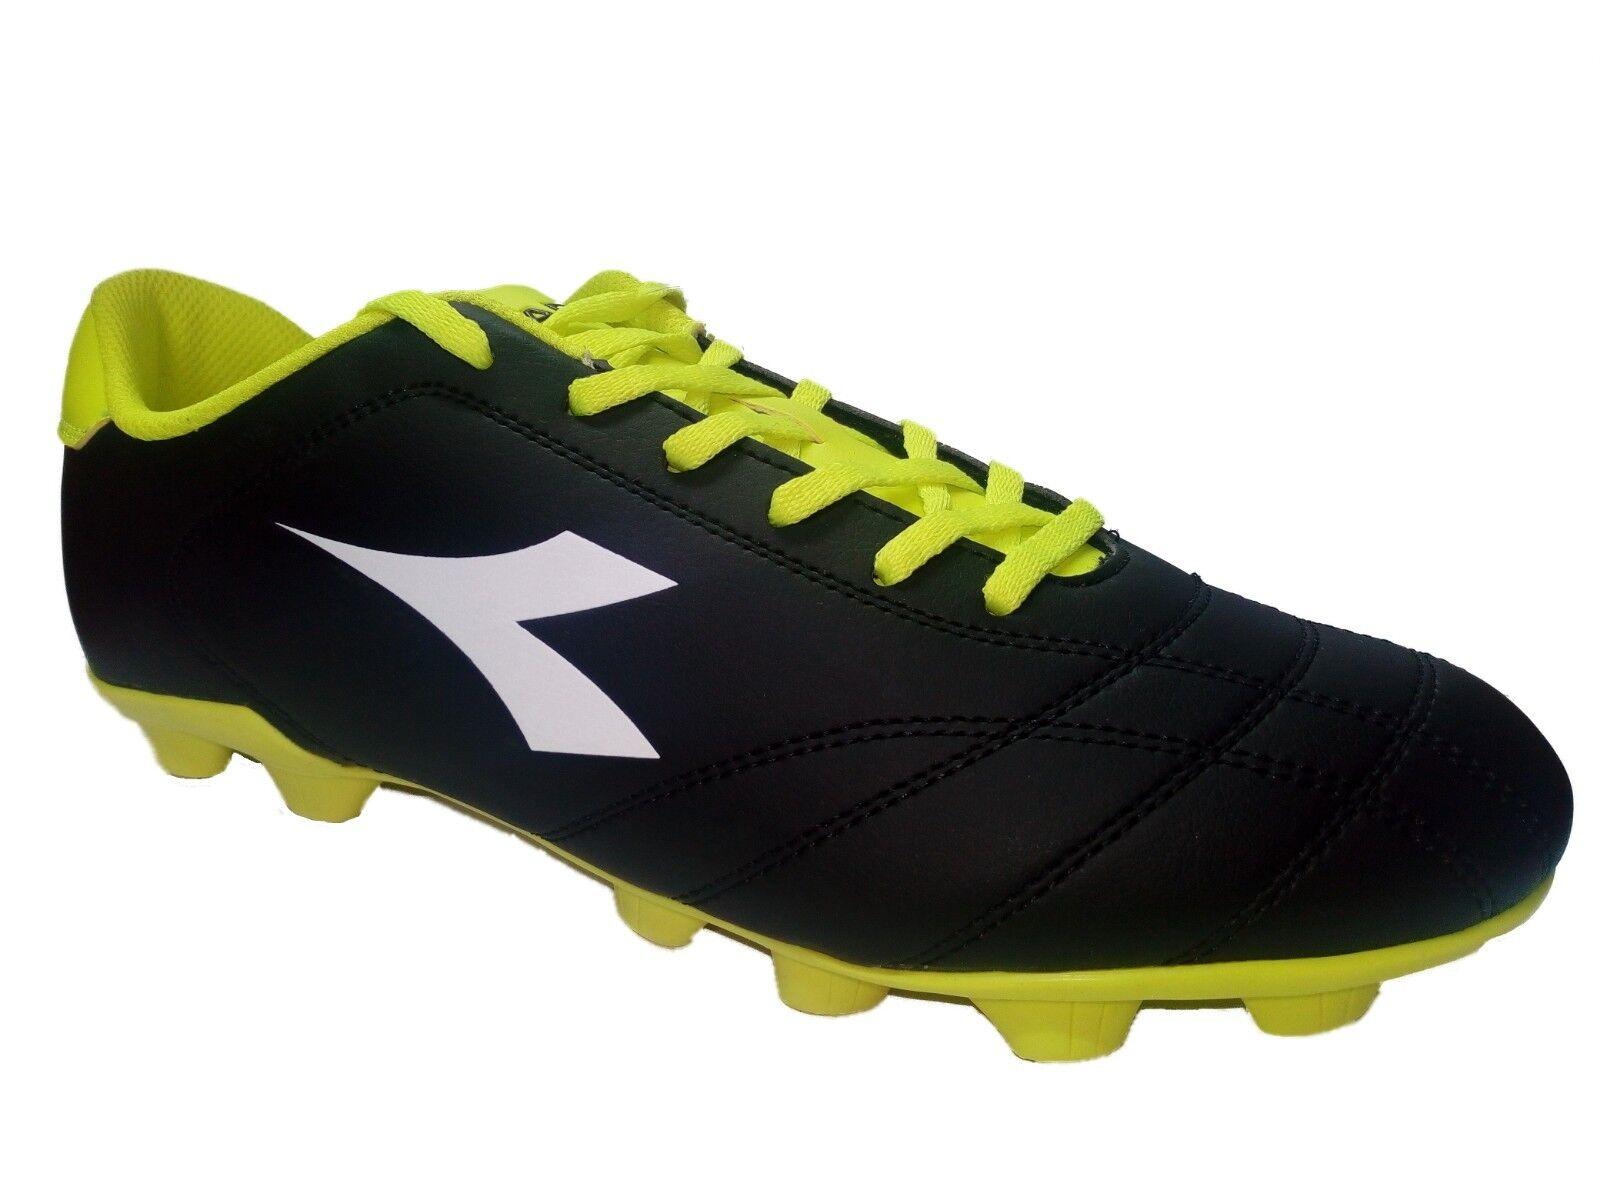 Schuhe UOMO CALCIO DIADORA 6PLAY MD IN PELLE NERO NERO NERO tg 42.5 cm 27 34946a